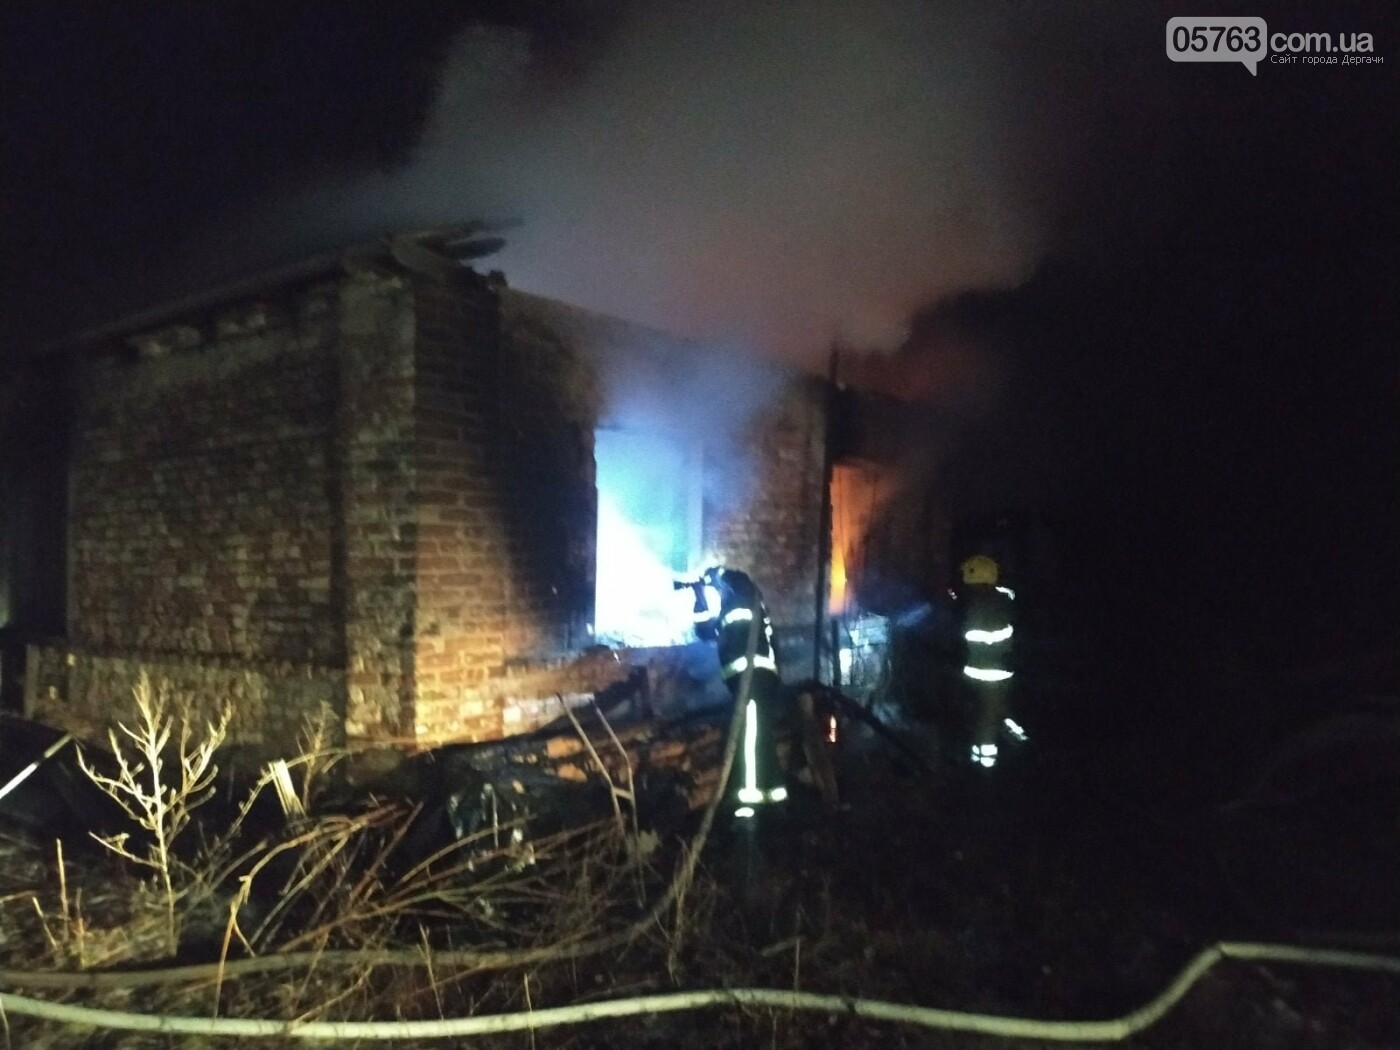 Загорівся приватний будинок: рятувальники знайшли тіло 92-річного чоловіка, - ФОТО, фото-1